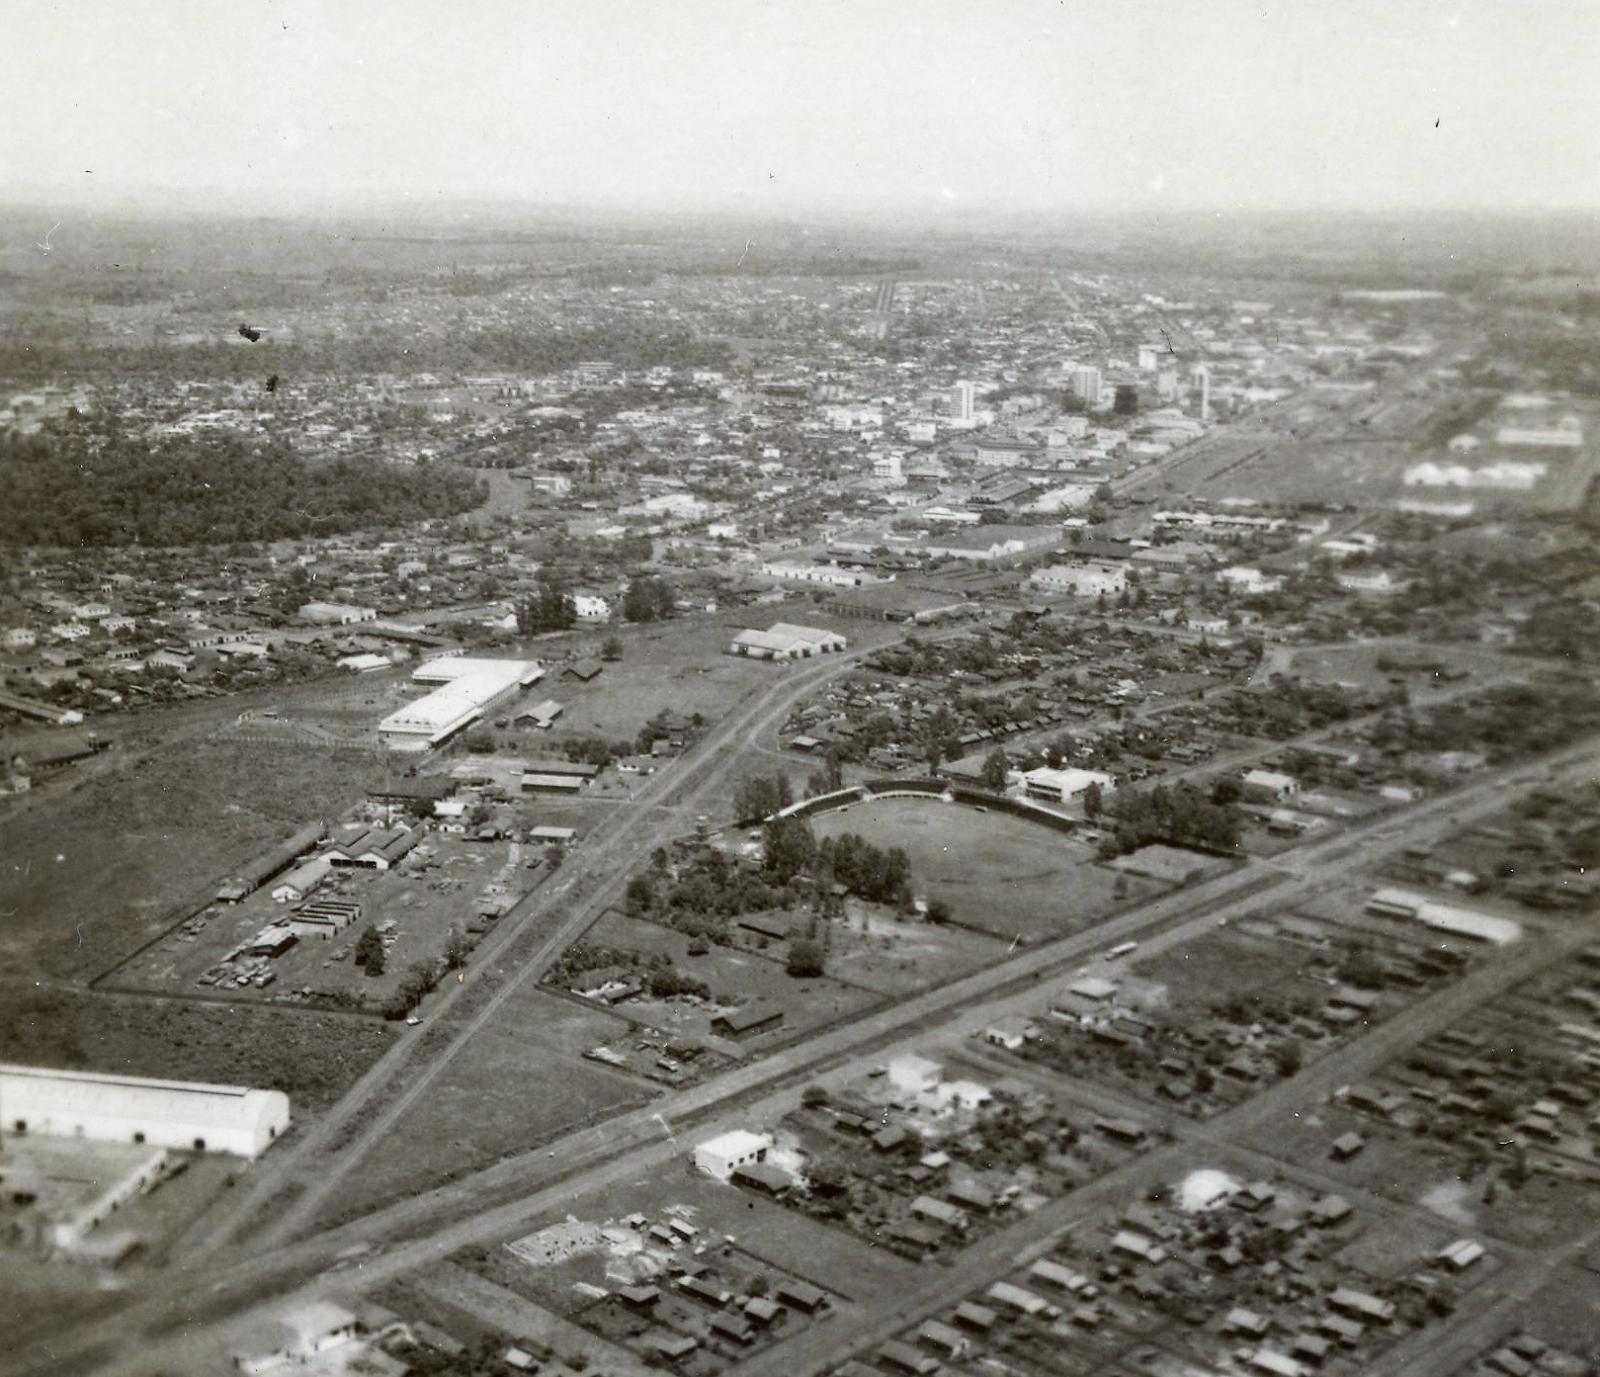 Avenida das Indústrias x Avenida Colombo - Década de 1960